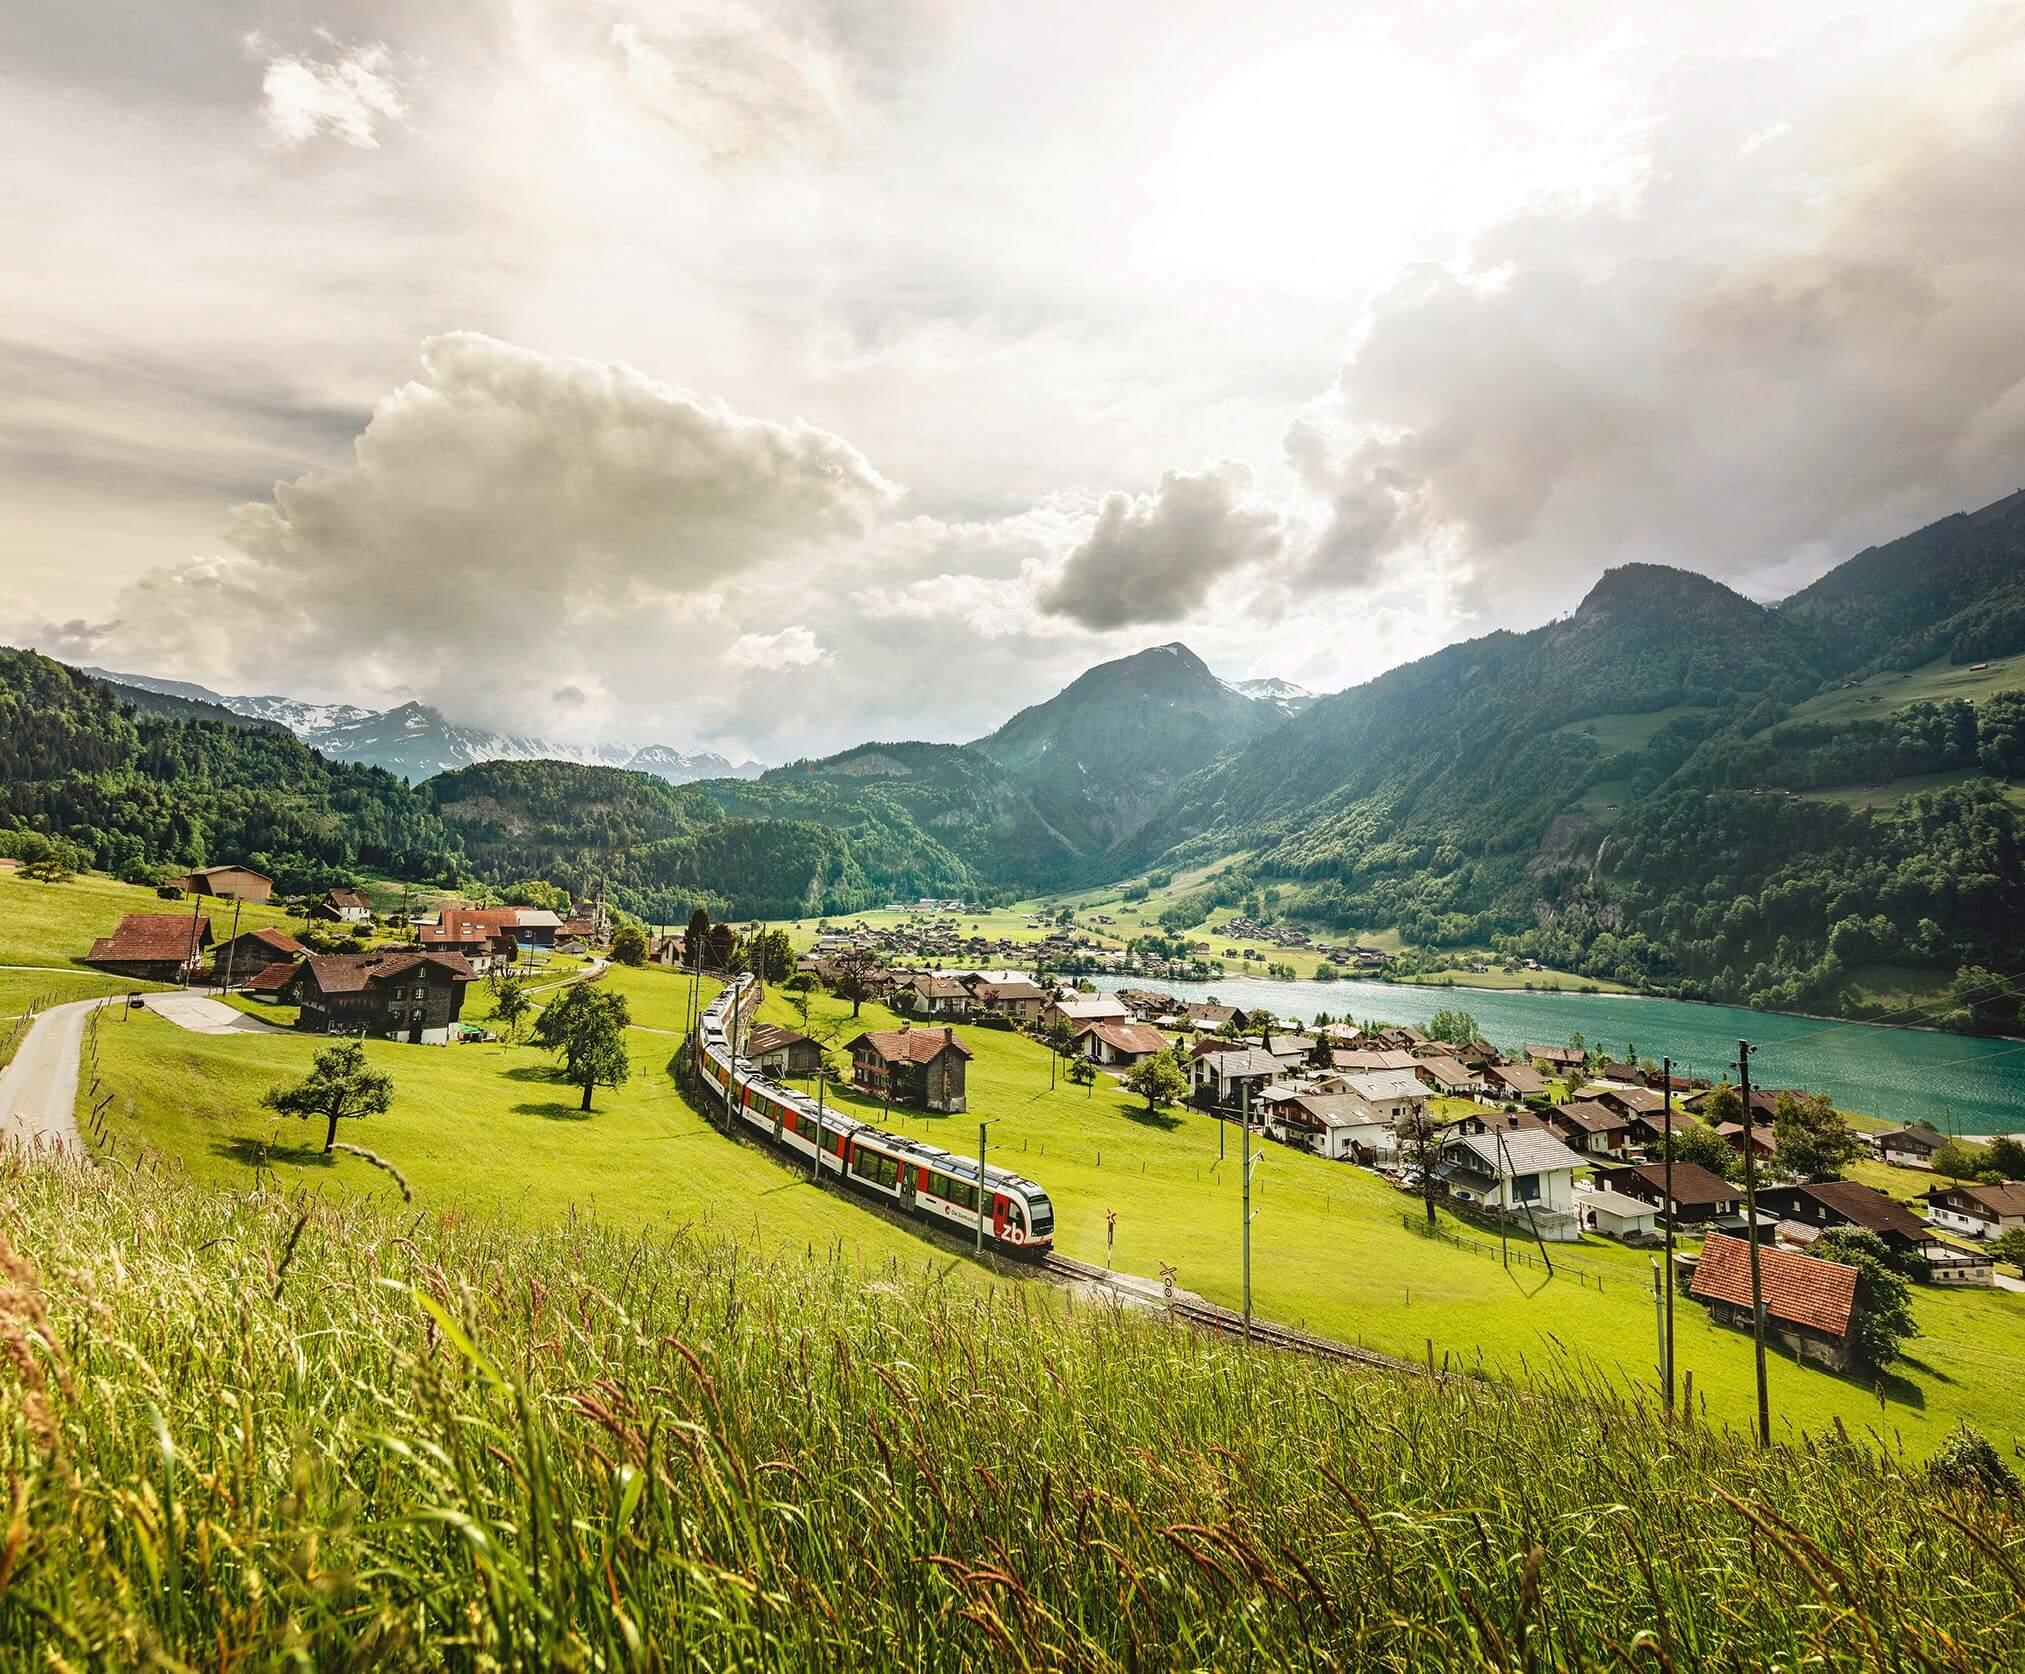 luzern-interlaken-express-fruehling-zentralbahn-lungern